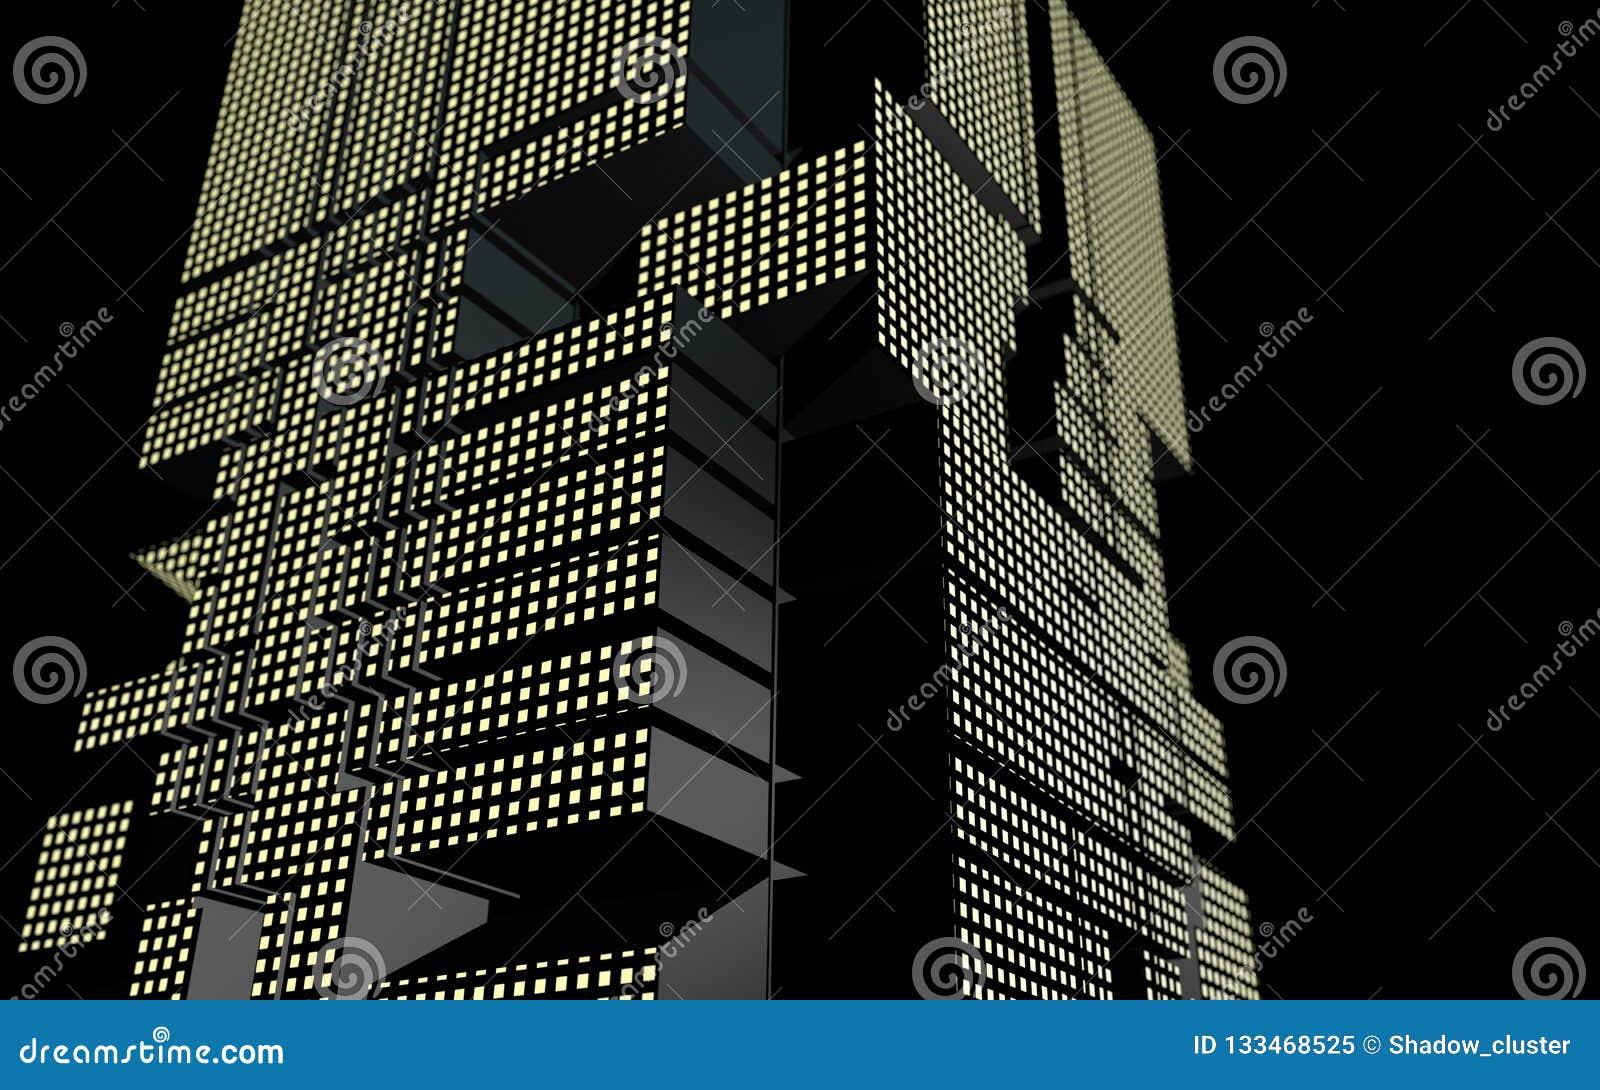 Edificio futurista de la forma geométrica abstracta en la noche